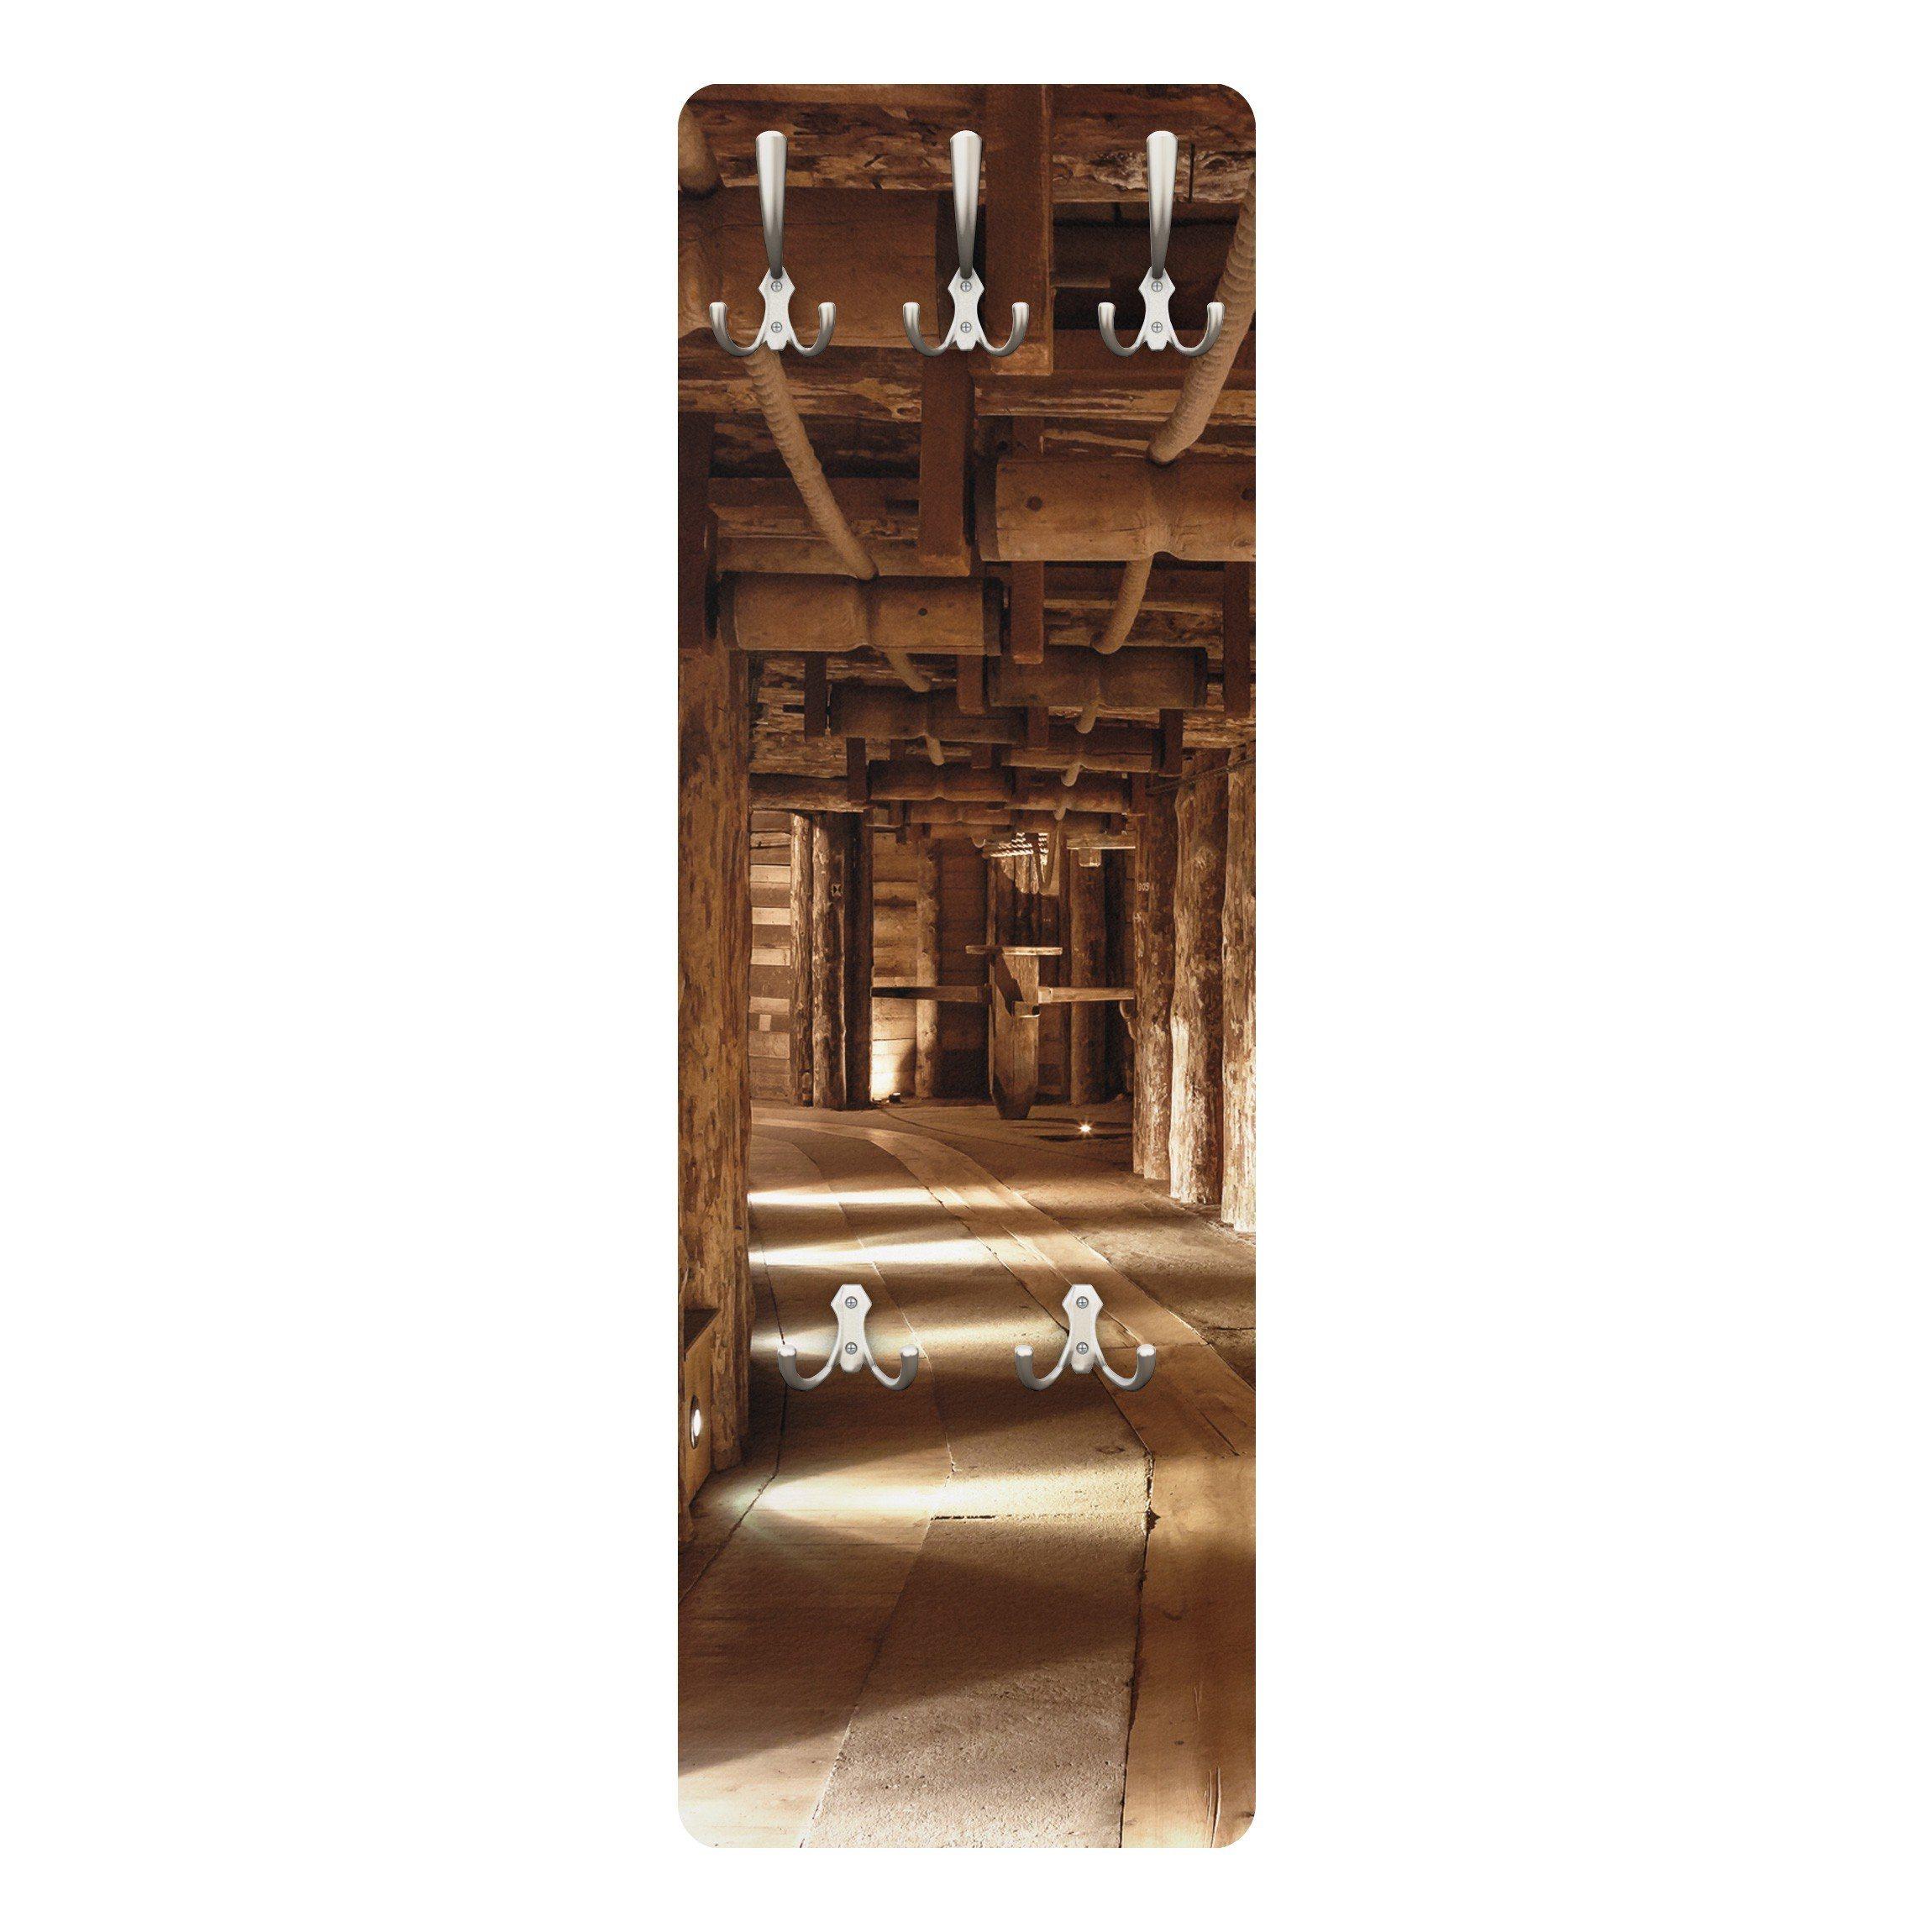 Bilderwelten Wandgarderobe 139x46x2cm »Alte Goldmine« | Flur & Diele > Garderoben > Garderobenhaken | Weiß - Matt | Holz - Faserplatte - Metall | Bilderwelten